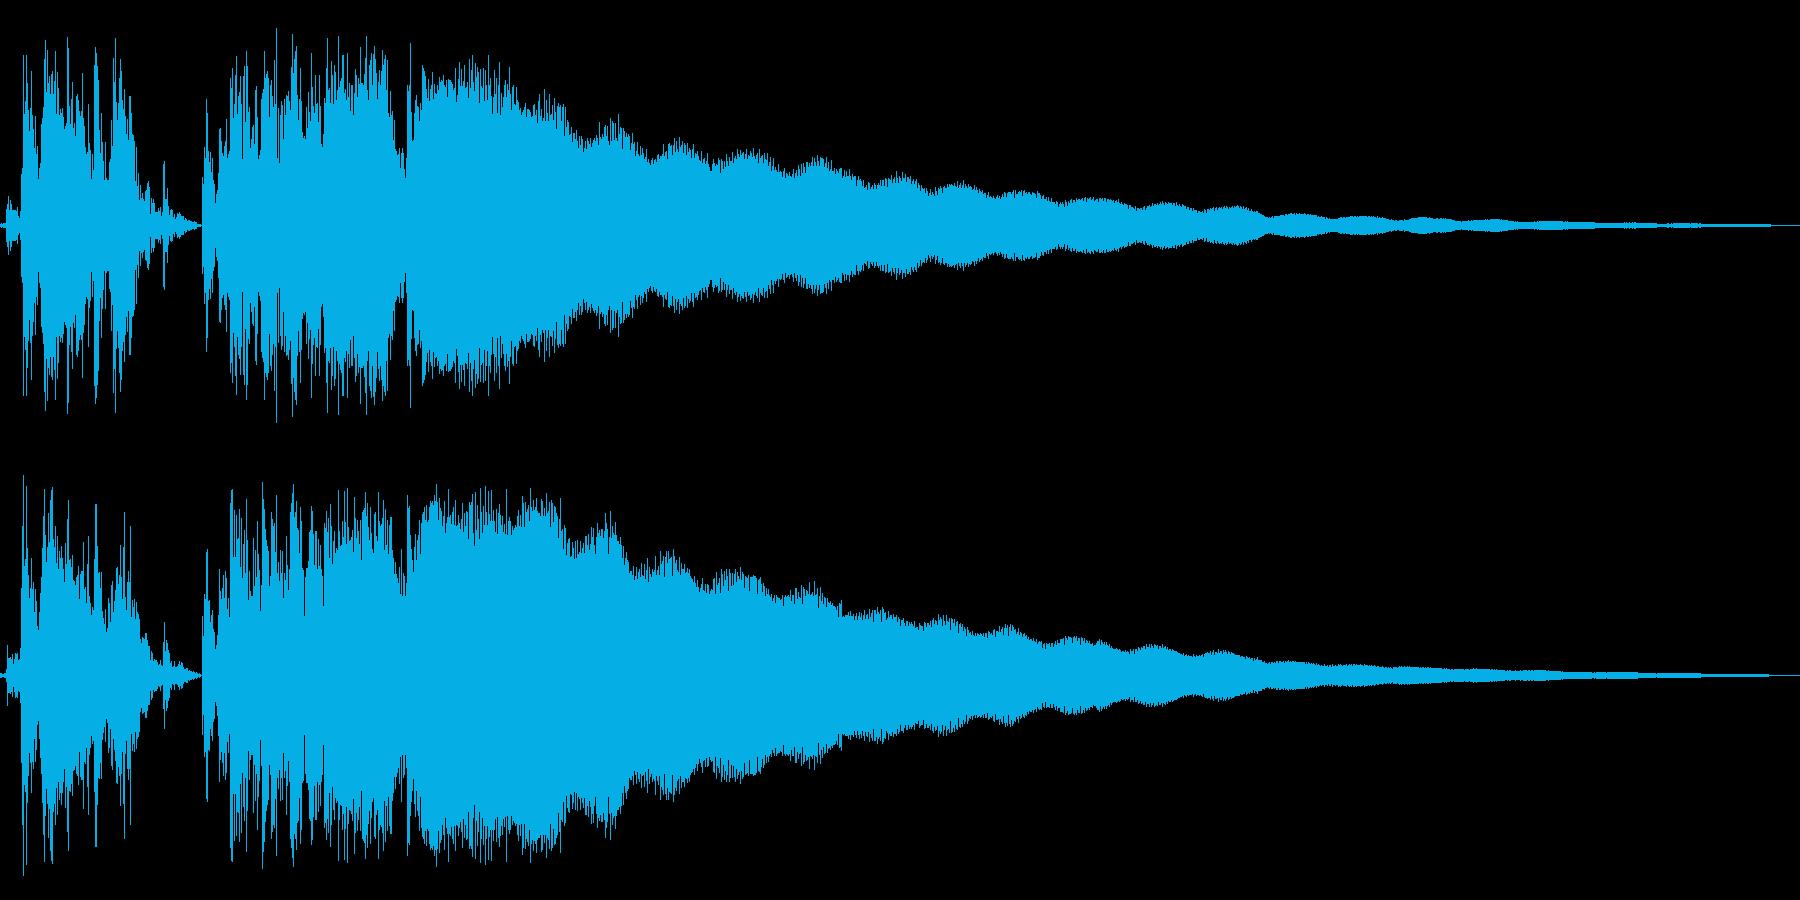 レジスターの清算音(昭和レジスターの音)の再生済みの波形